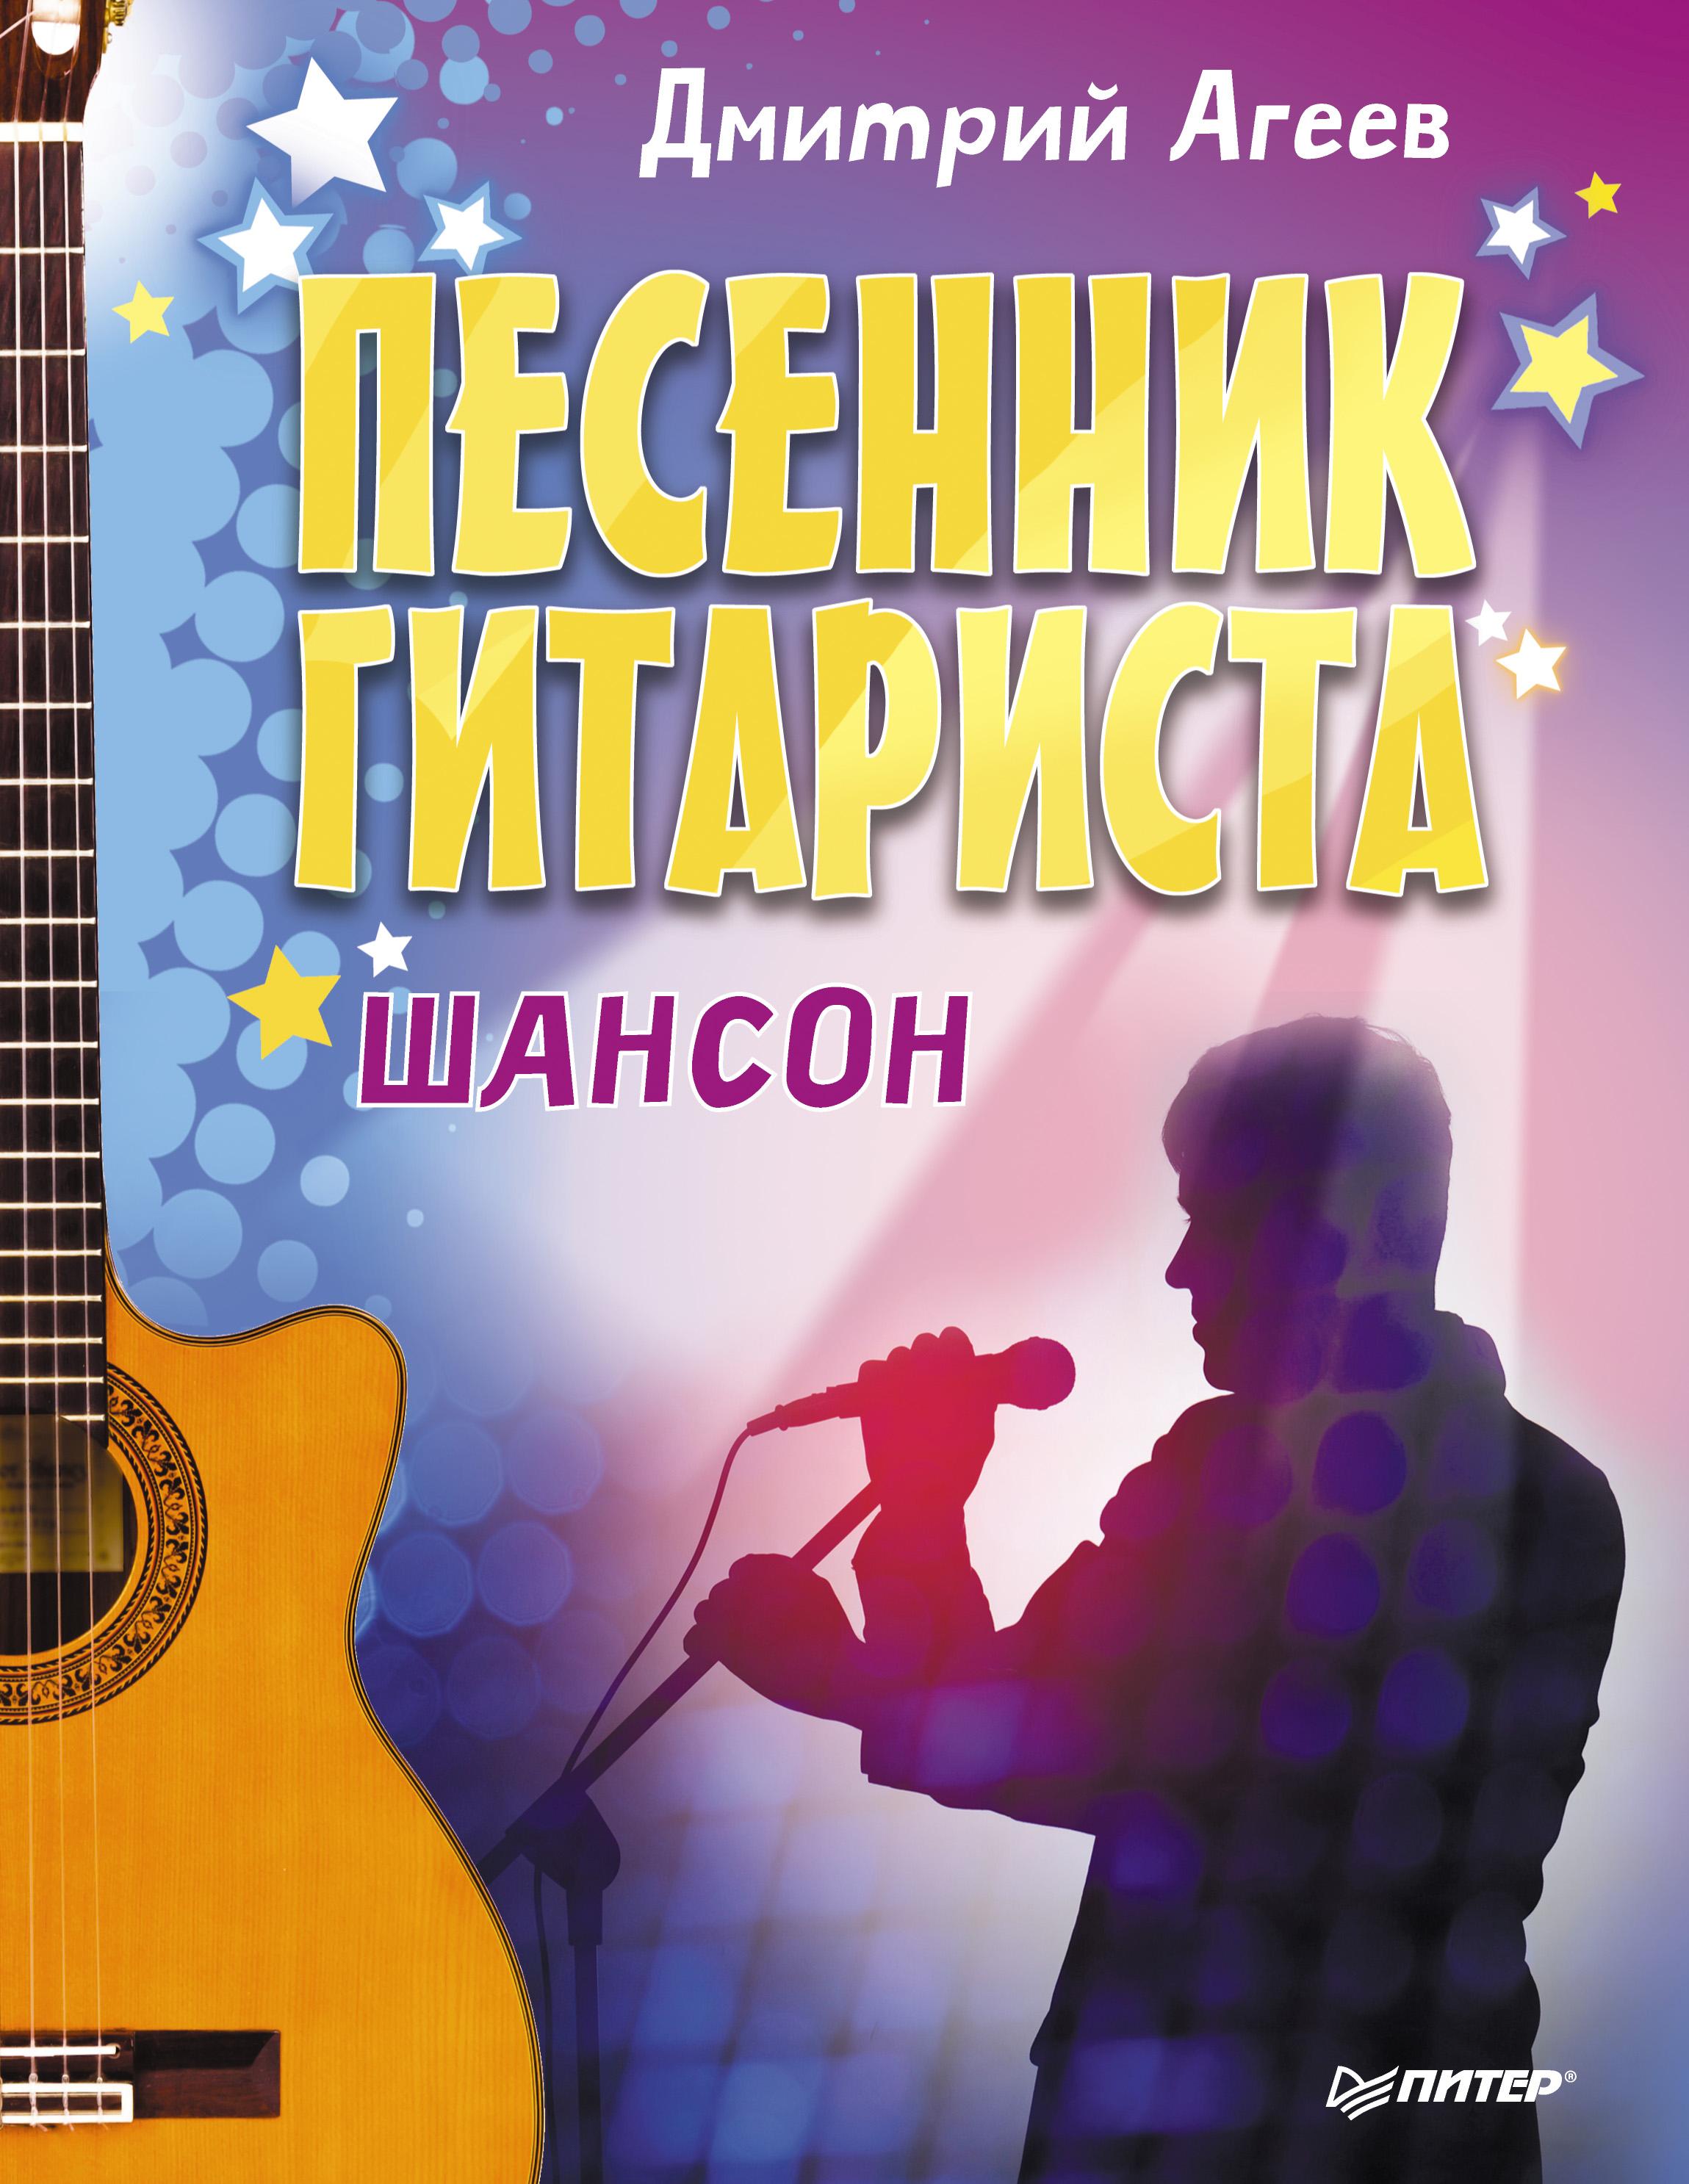 Дмитрий Агеев Песенник гитариста. Шансон дмитрий агеев большая книга гитариста техника игры 100 хитовых песен